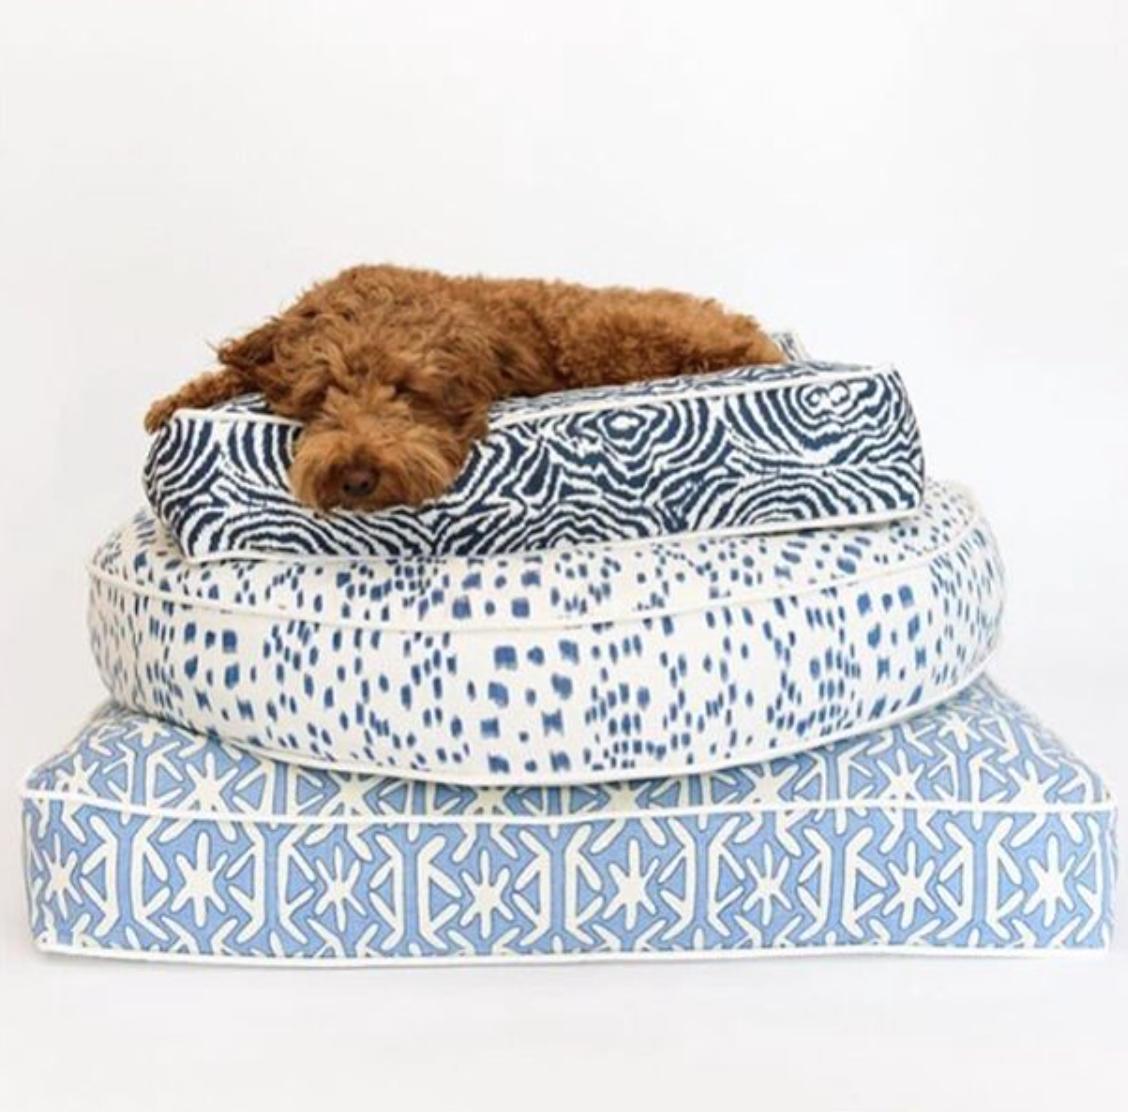 Amy Berry - Preppy Dog Beds 2